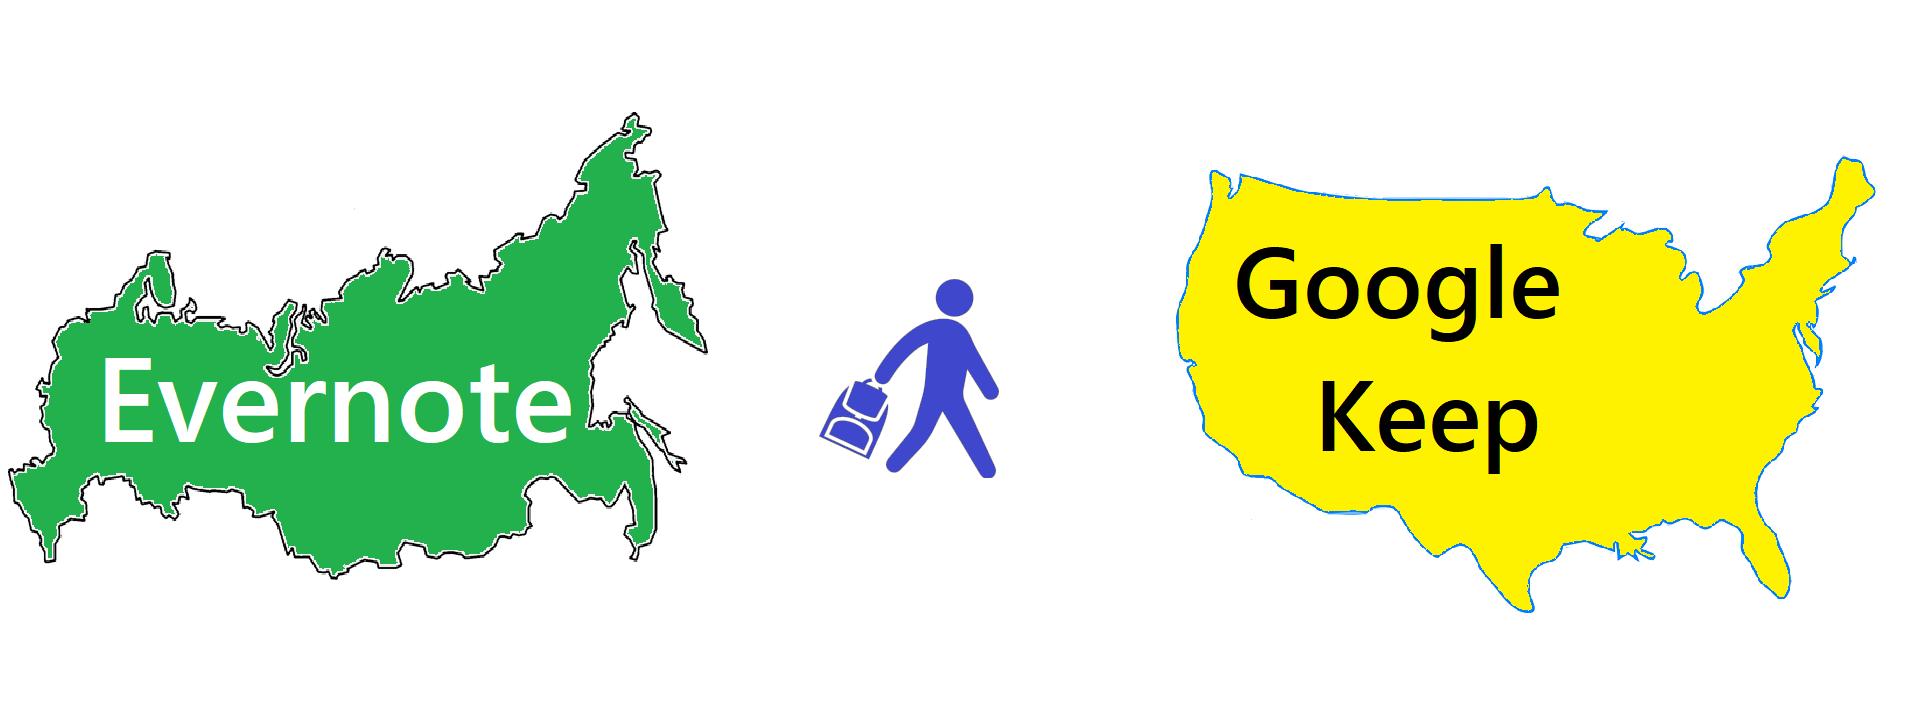 Эмиграция из Evernote в Google Keep: мой личный опыт - 1